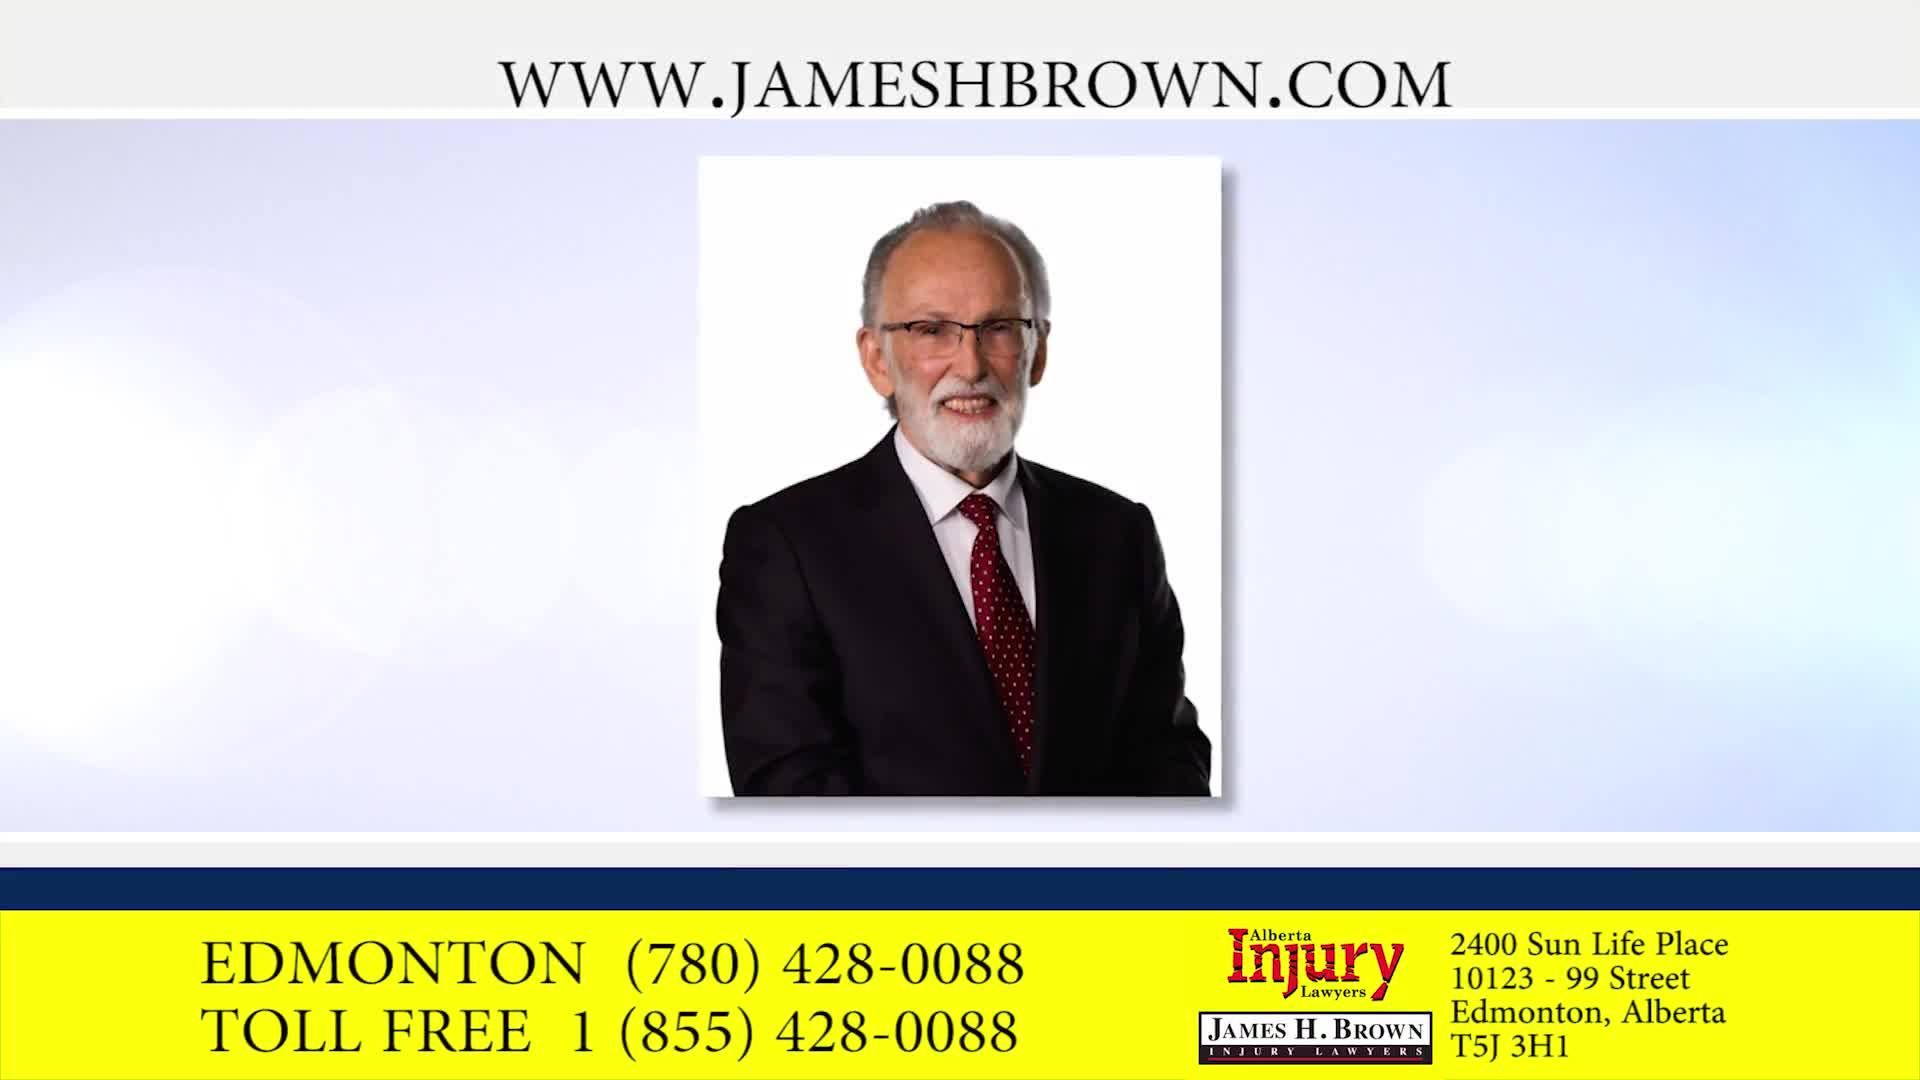 Alberta Injury Lawyers - Business Lawyers - 587-400-2434